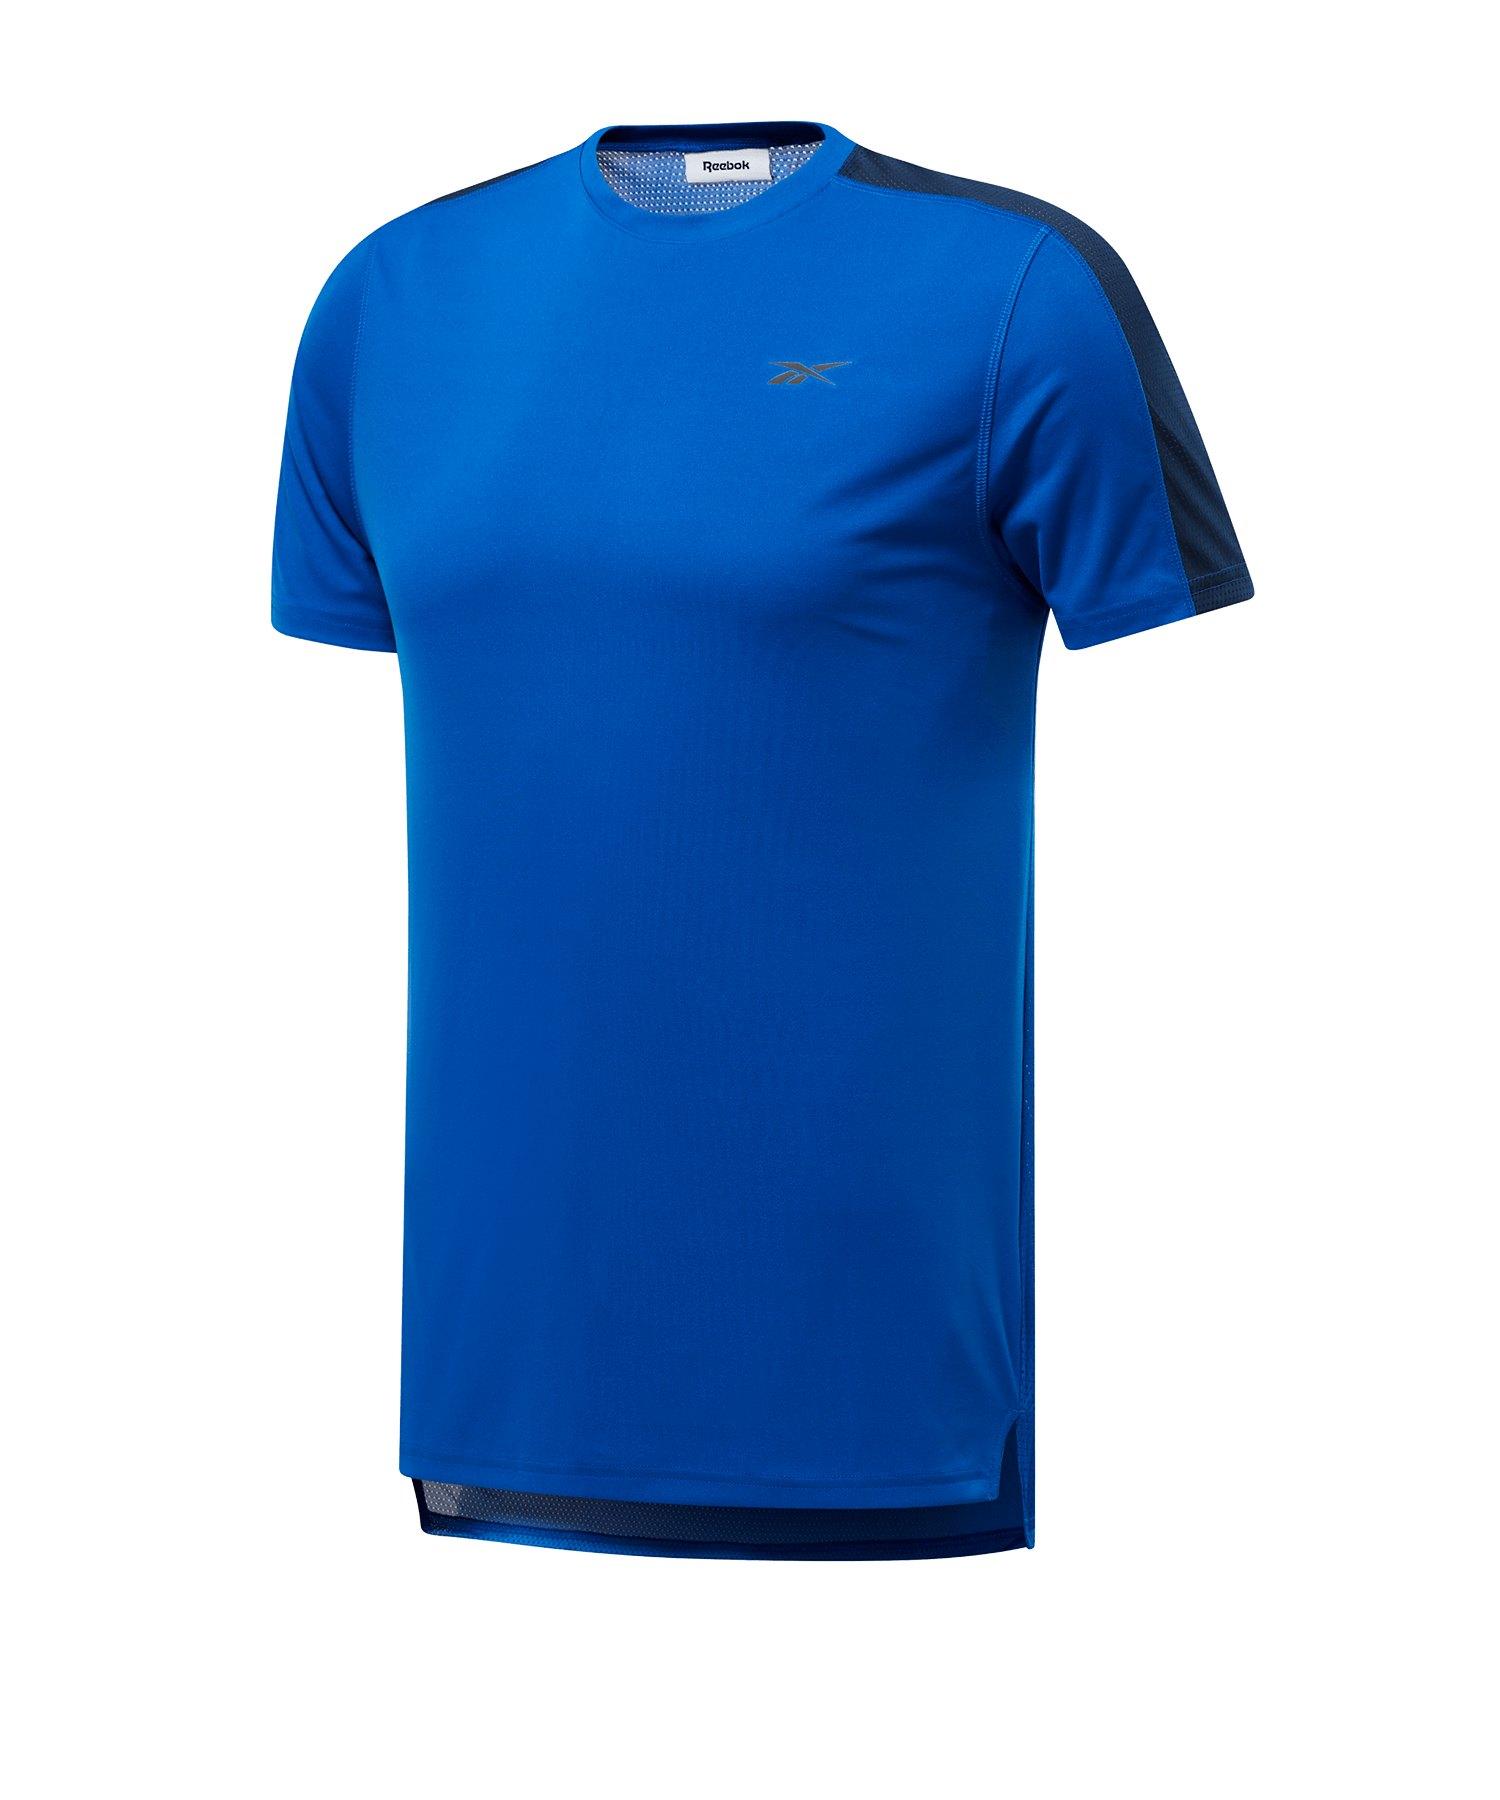 Reebok Workout Ready Tech T-Shirt Blau - blau